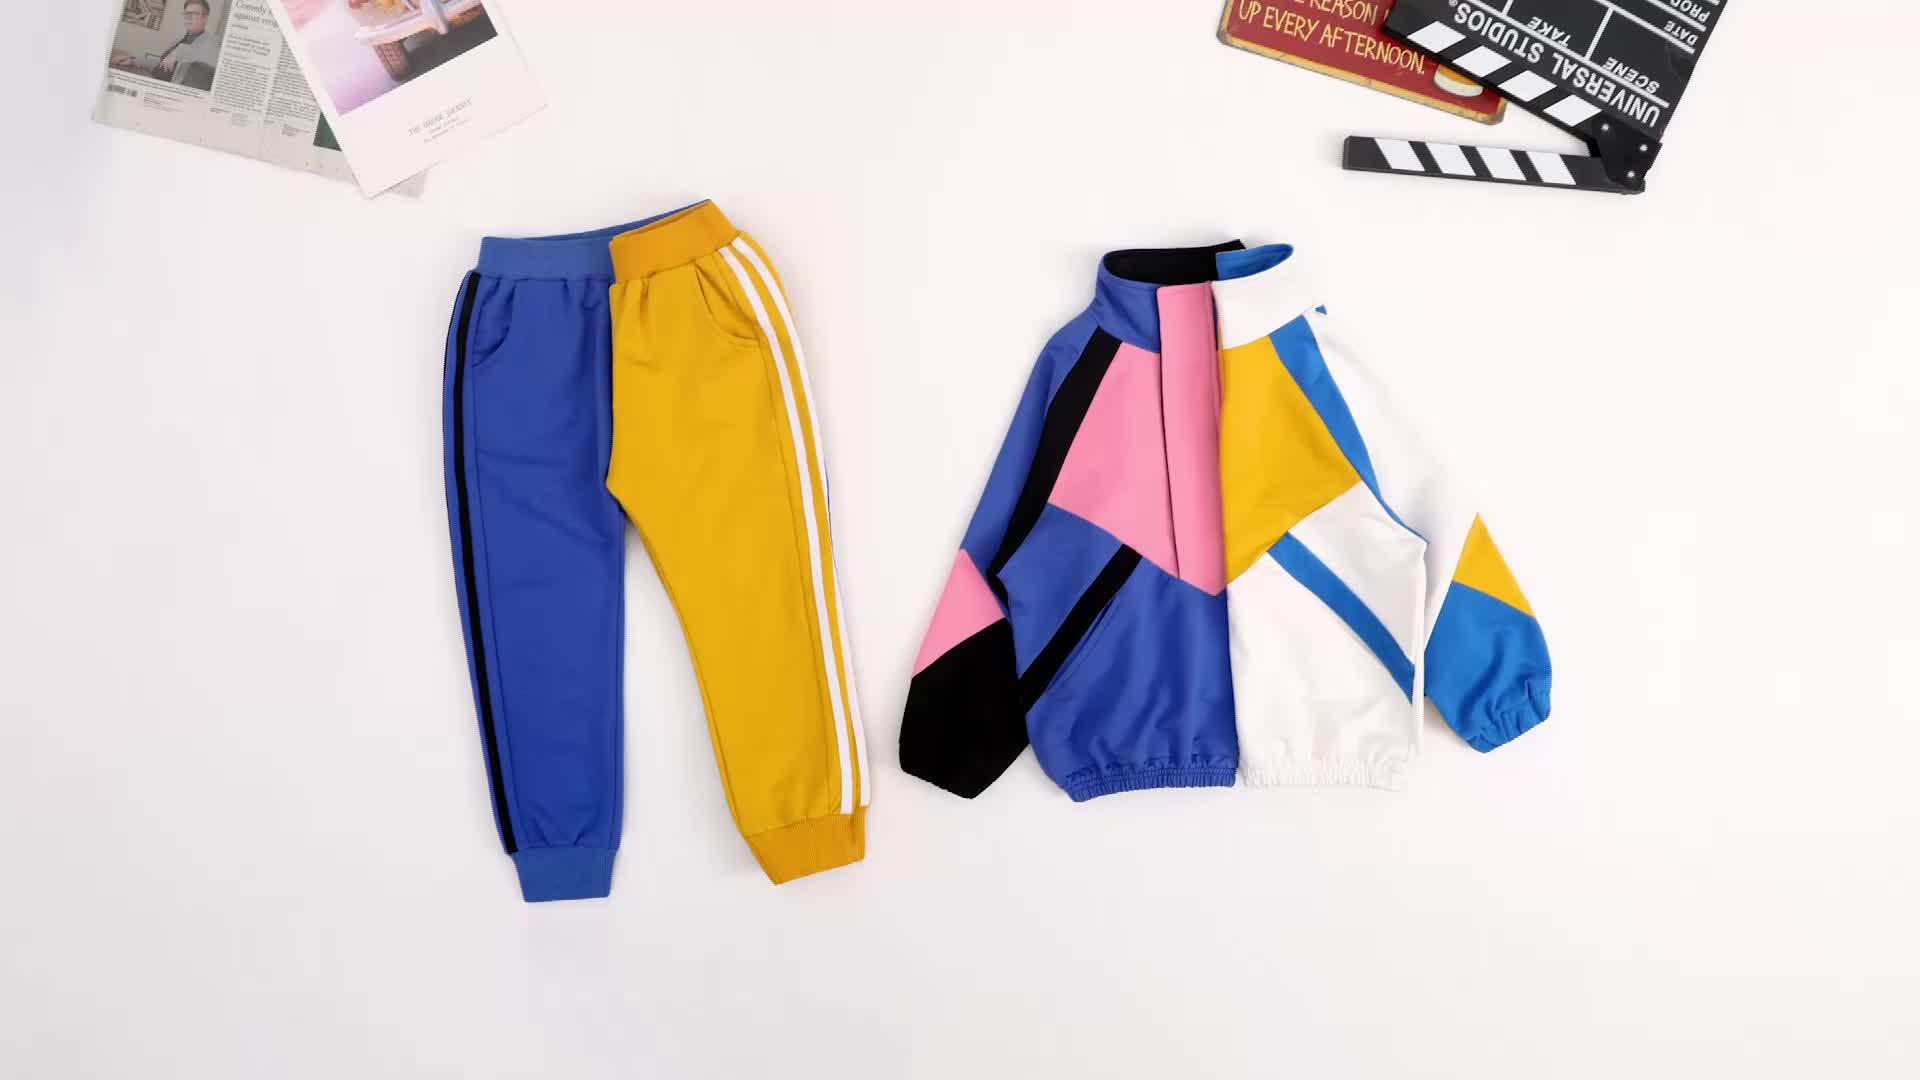 DRDDJN1901B1153 Hip hop di stile del ragazzo vestiti set bambini di modo dei vestiti dei ragazzi di alta qualità di abbigliamento per bambini